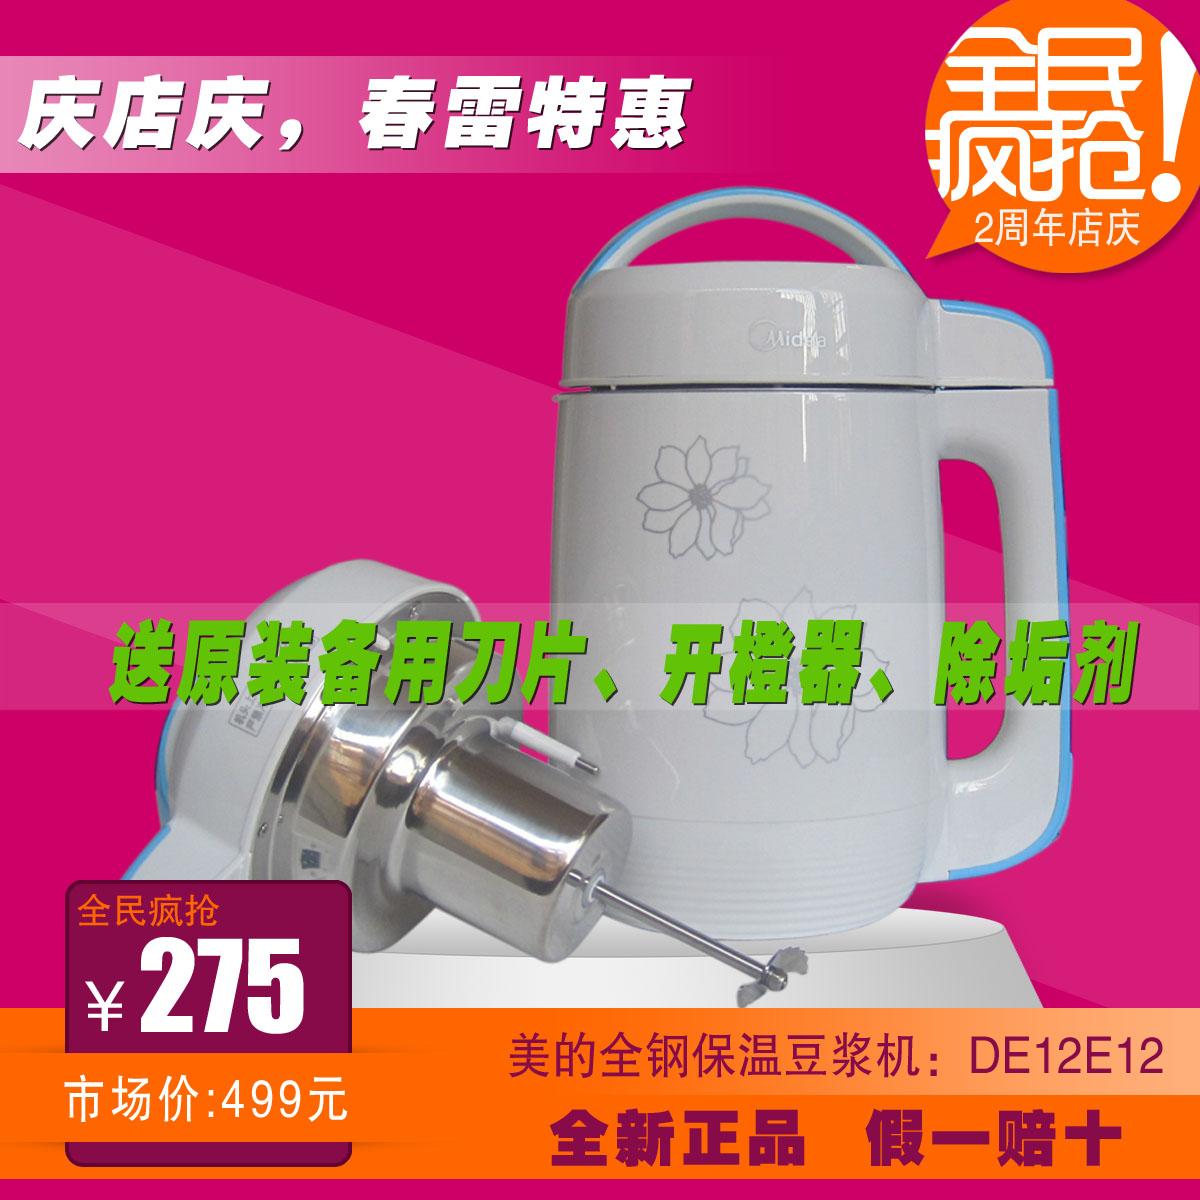 美的豆浆机每日一新养出健康